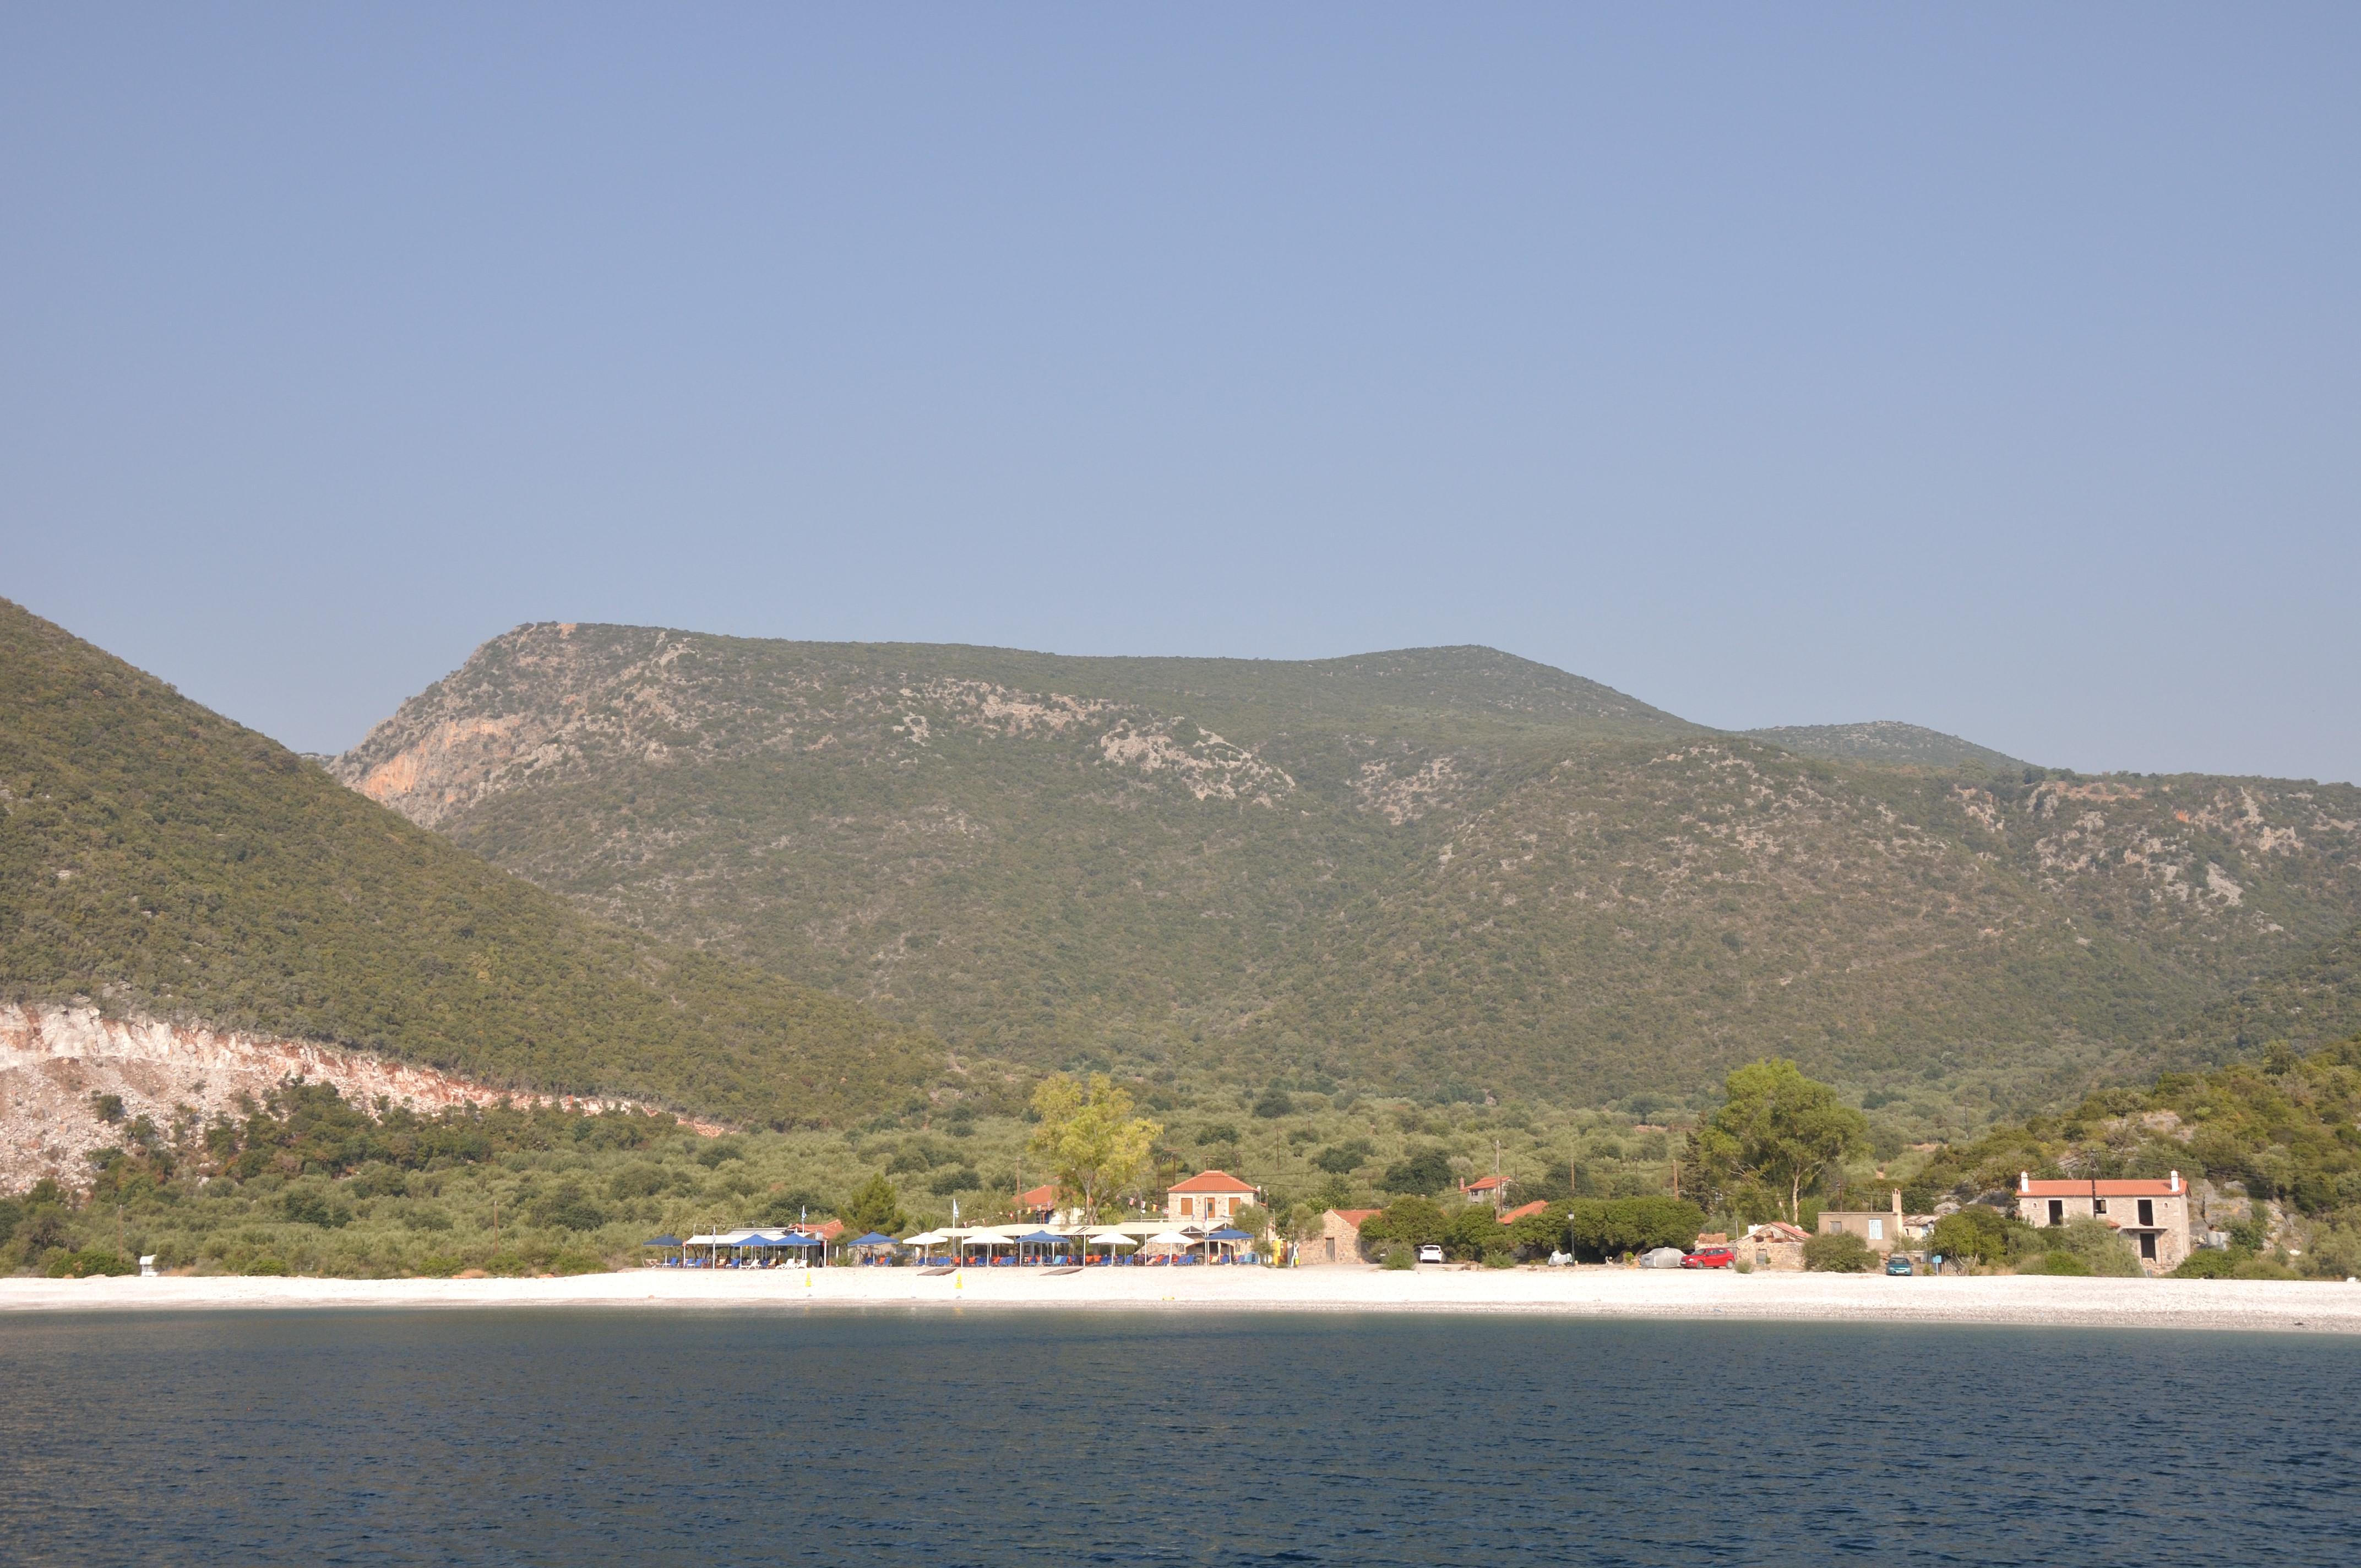 Baia Fokianos